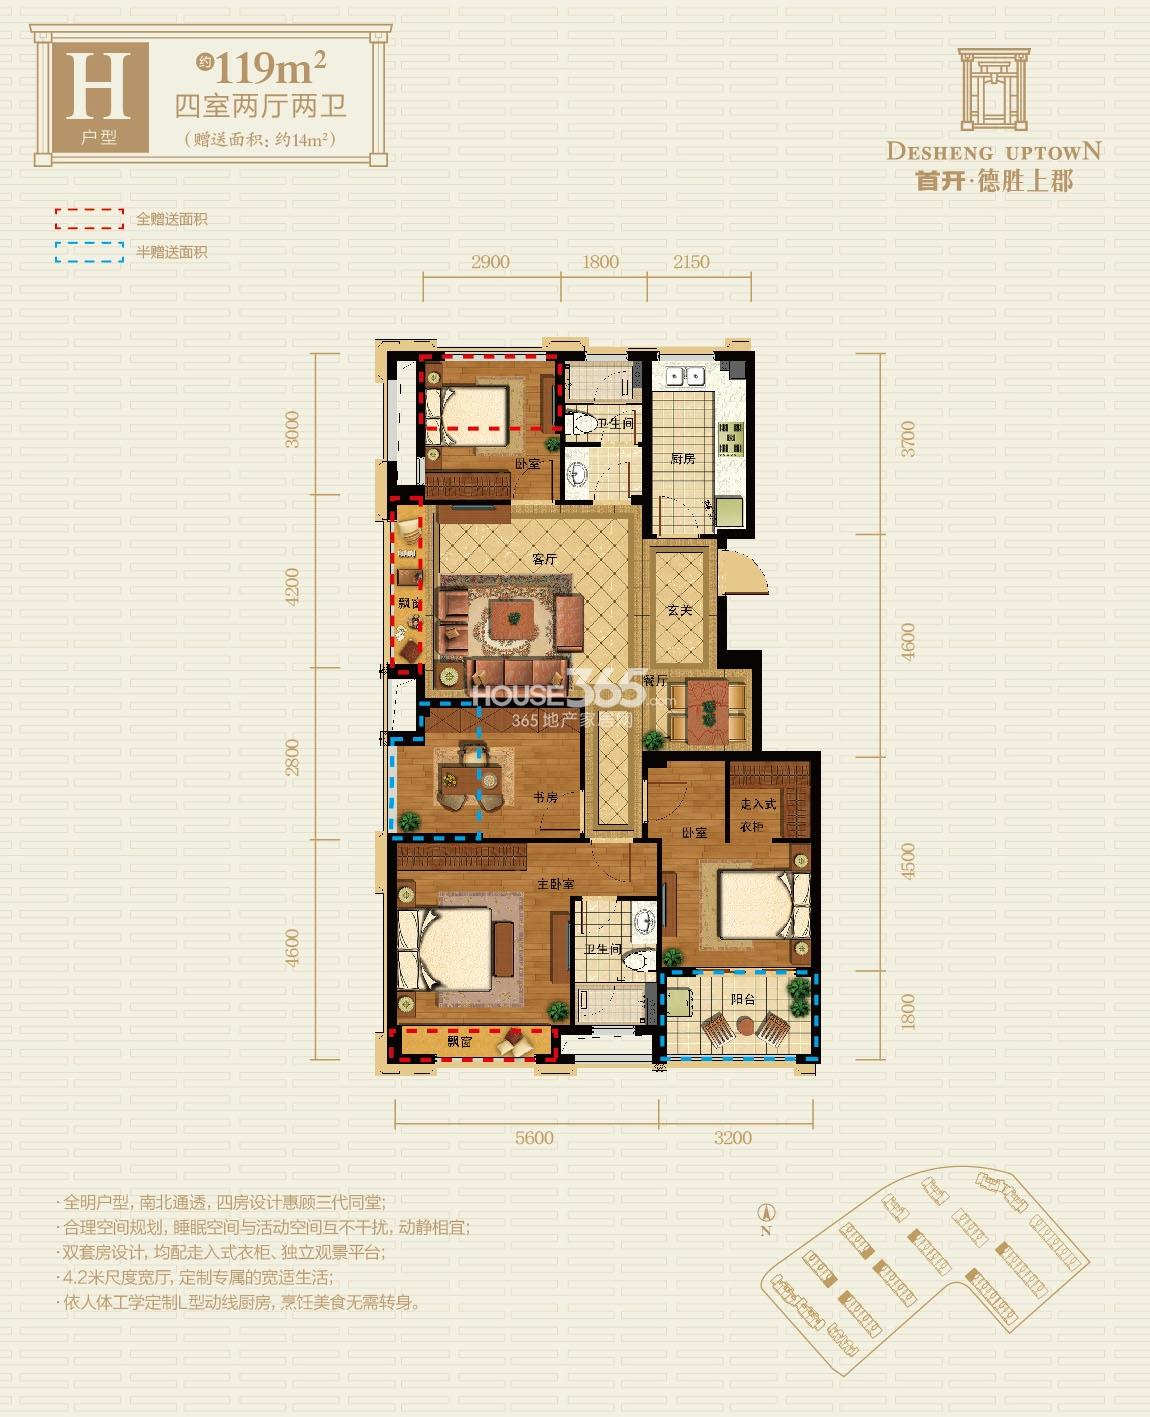 首开德胜上郡H户型图119方(3-7、9、10号楼)